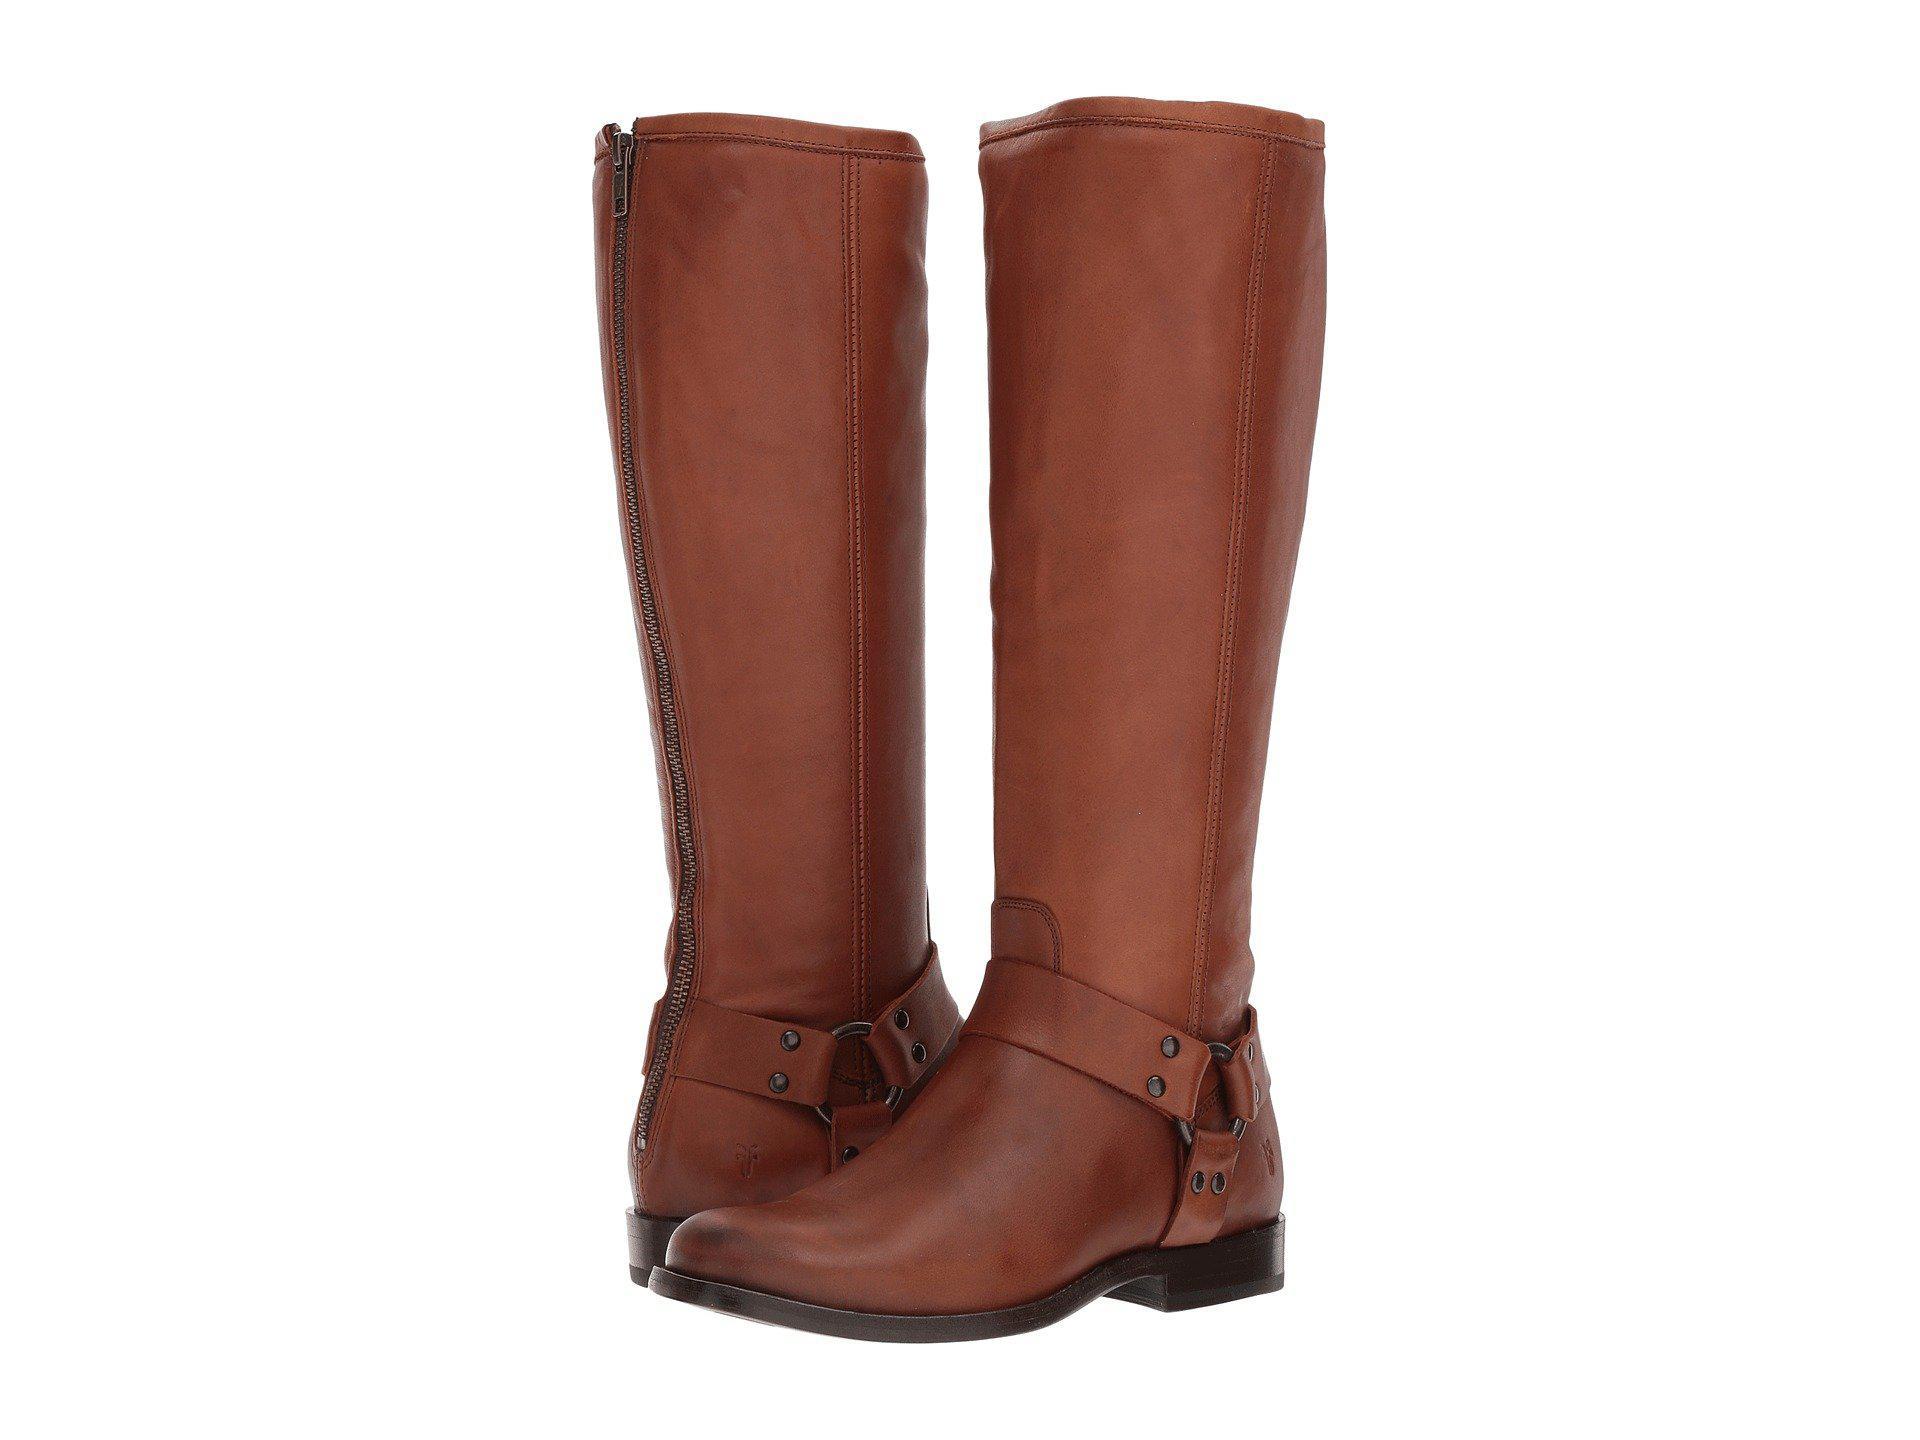 frye Cognac Waxed Veg Calf Phillip Harness Tall lyst frye phillip harness tall (cognac) women's first walker shoes